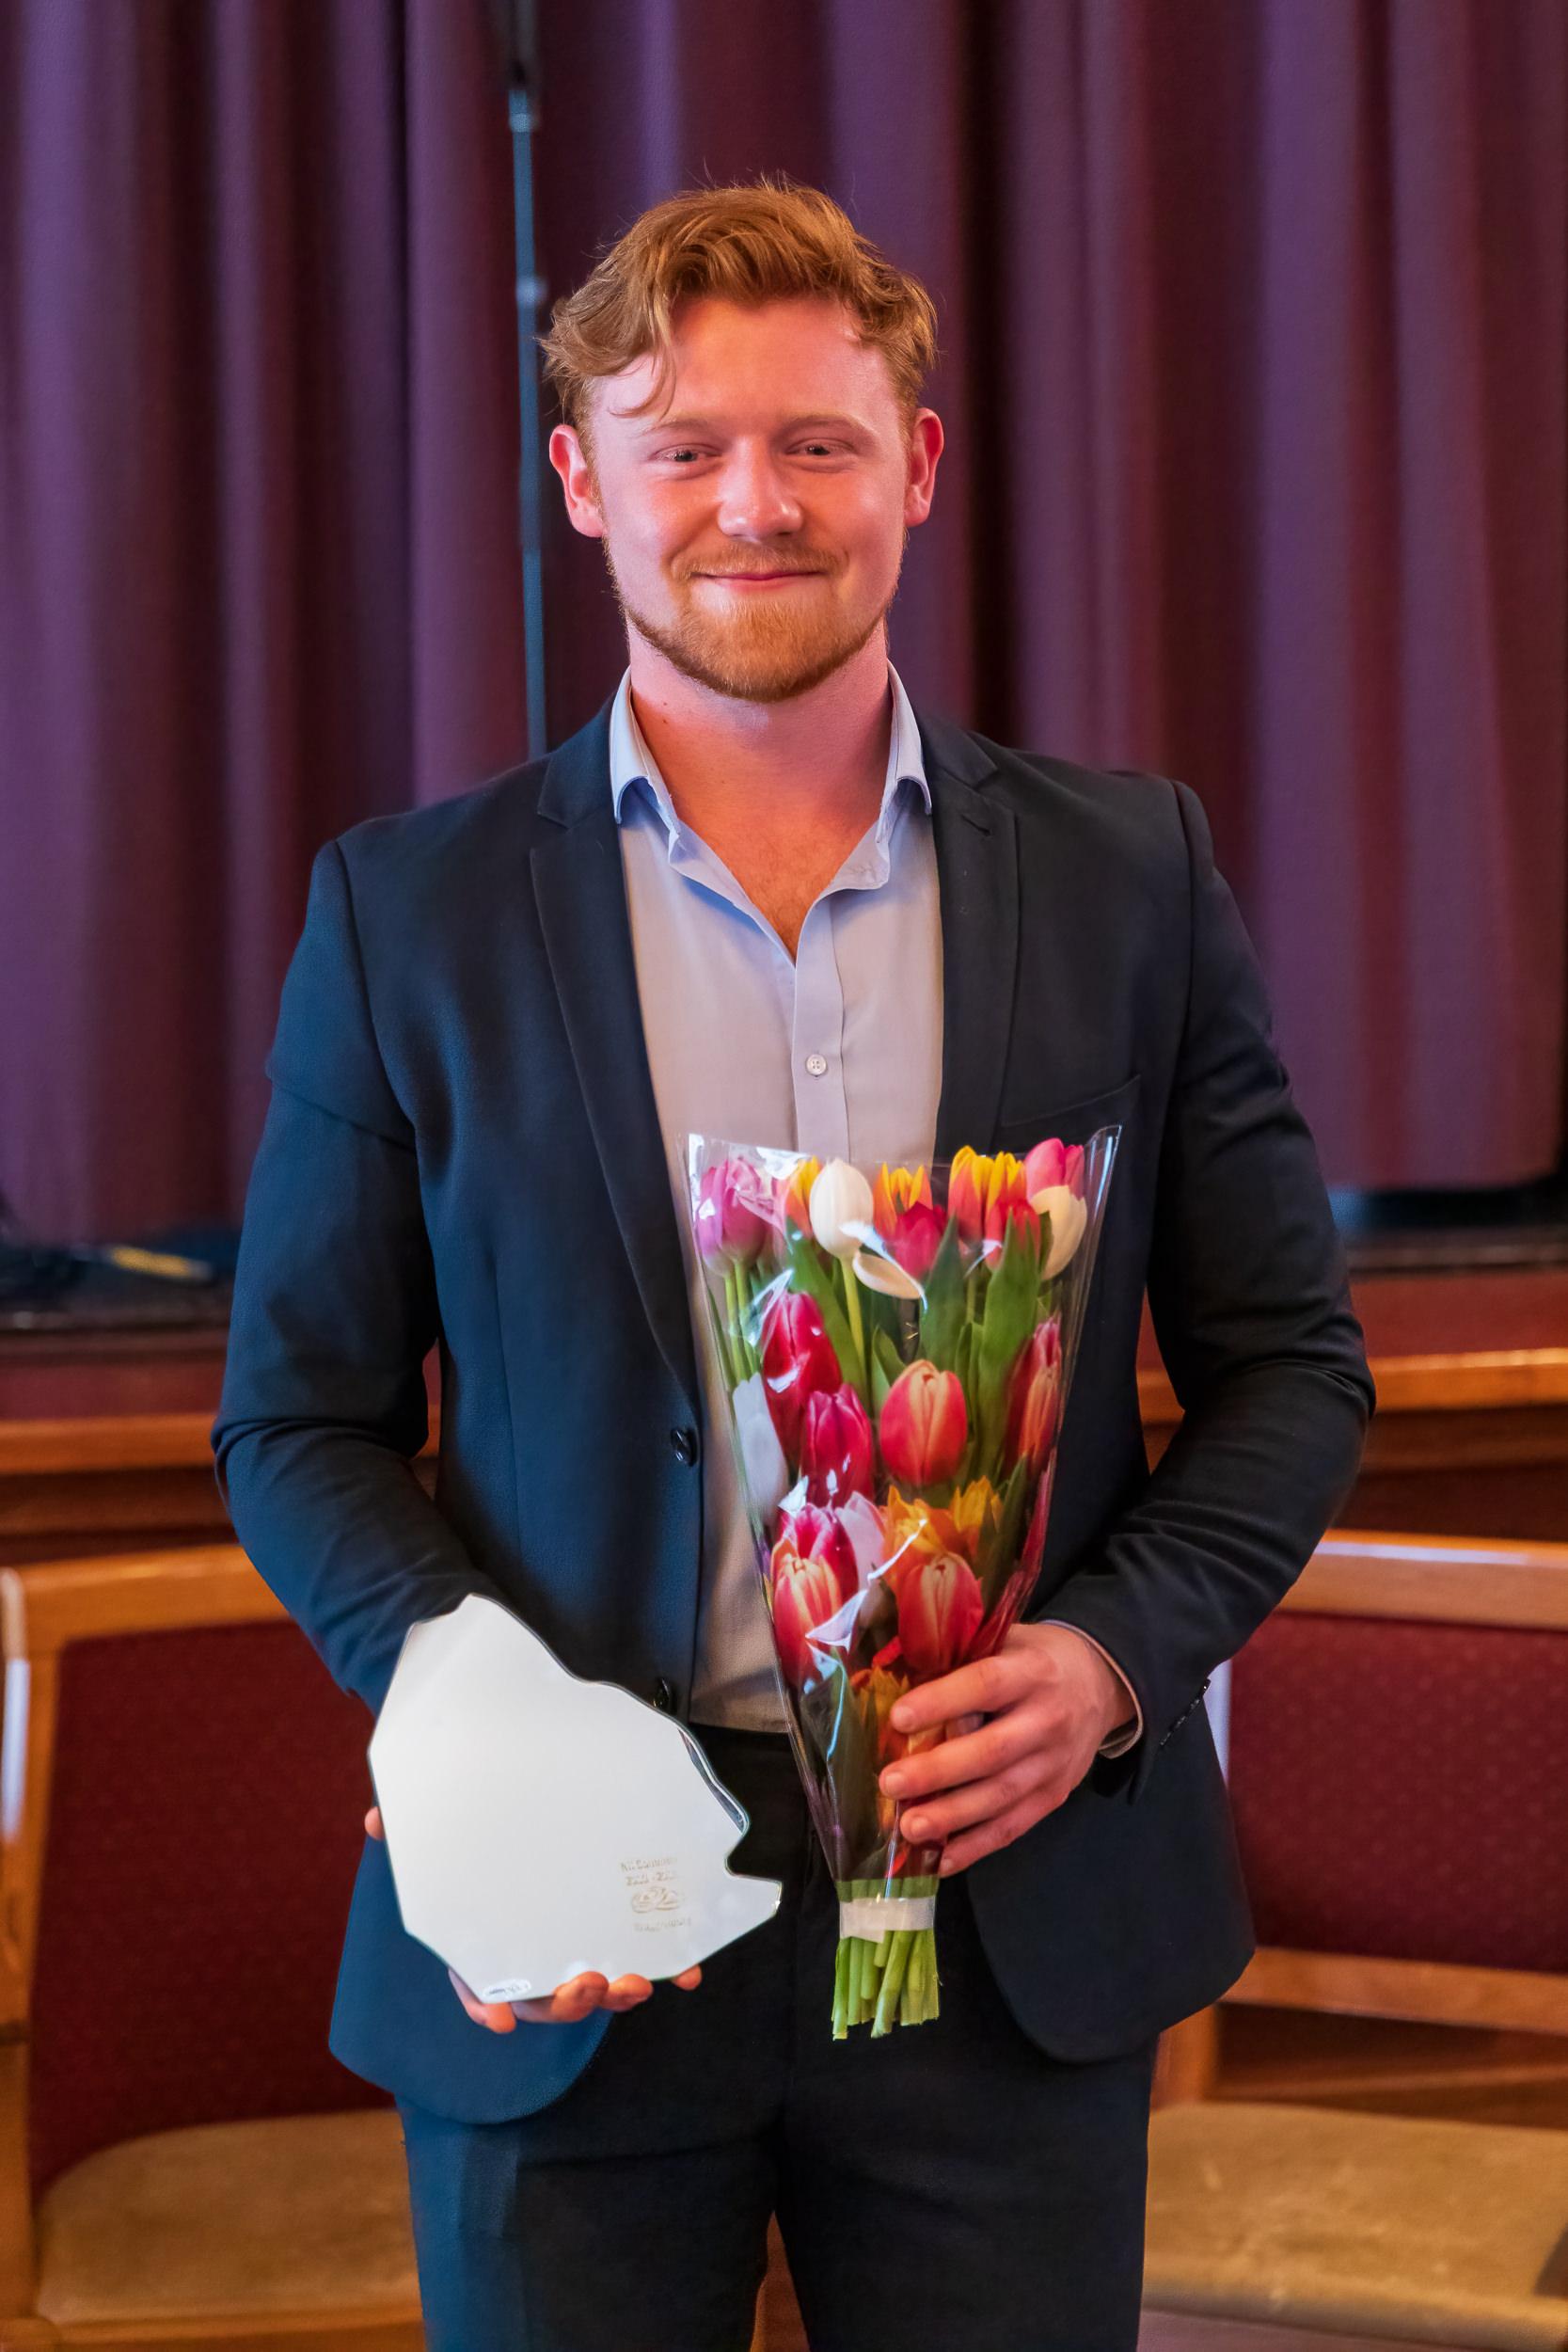 Jan Groenendijk